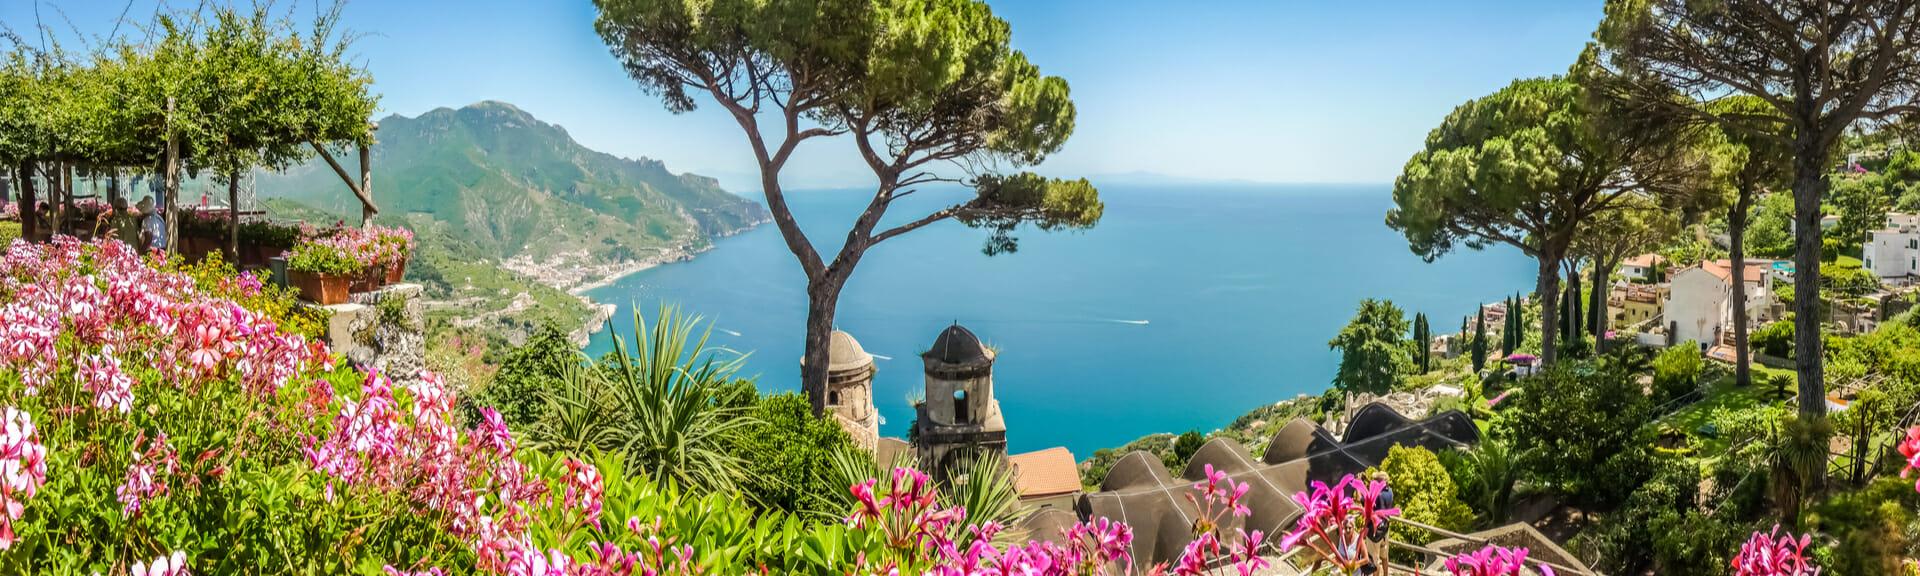 Klassenfahrt Sorrent-Amalfi Bucht